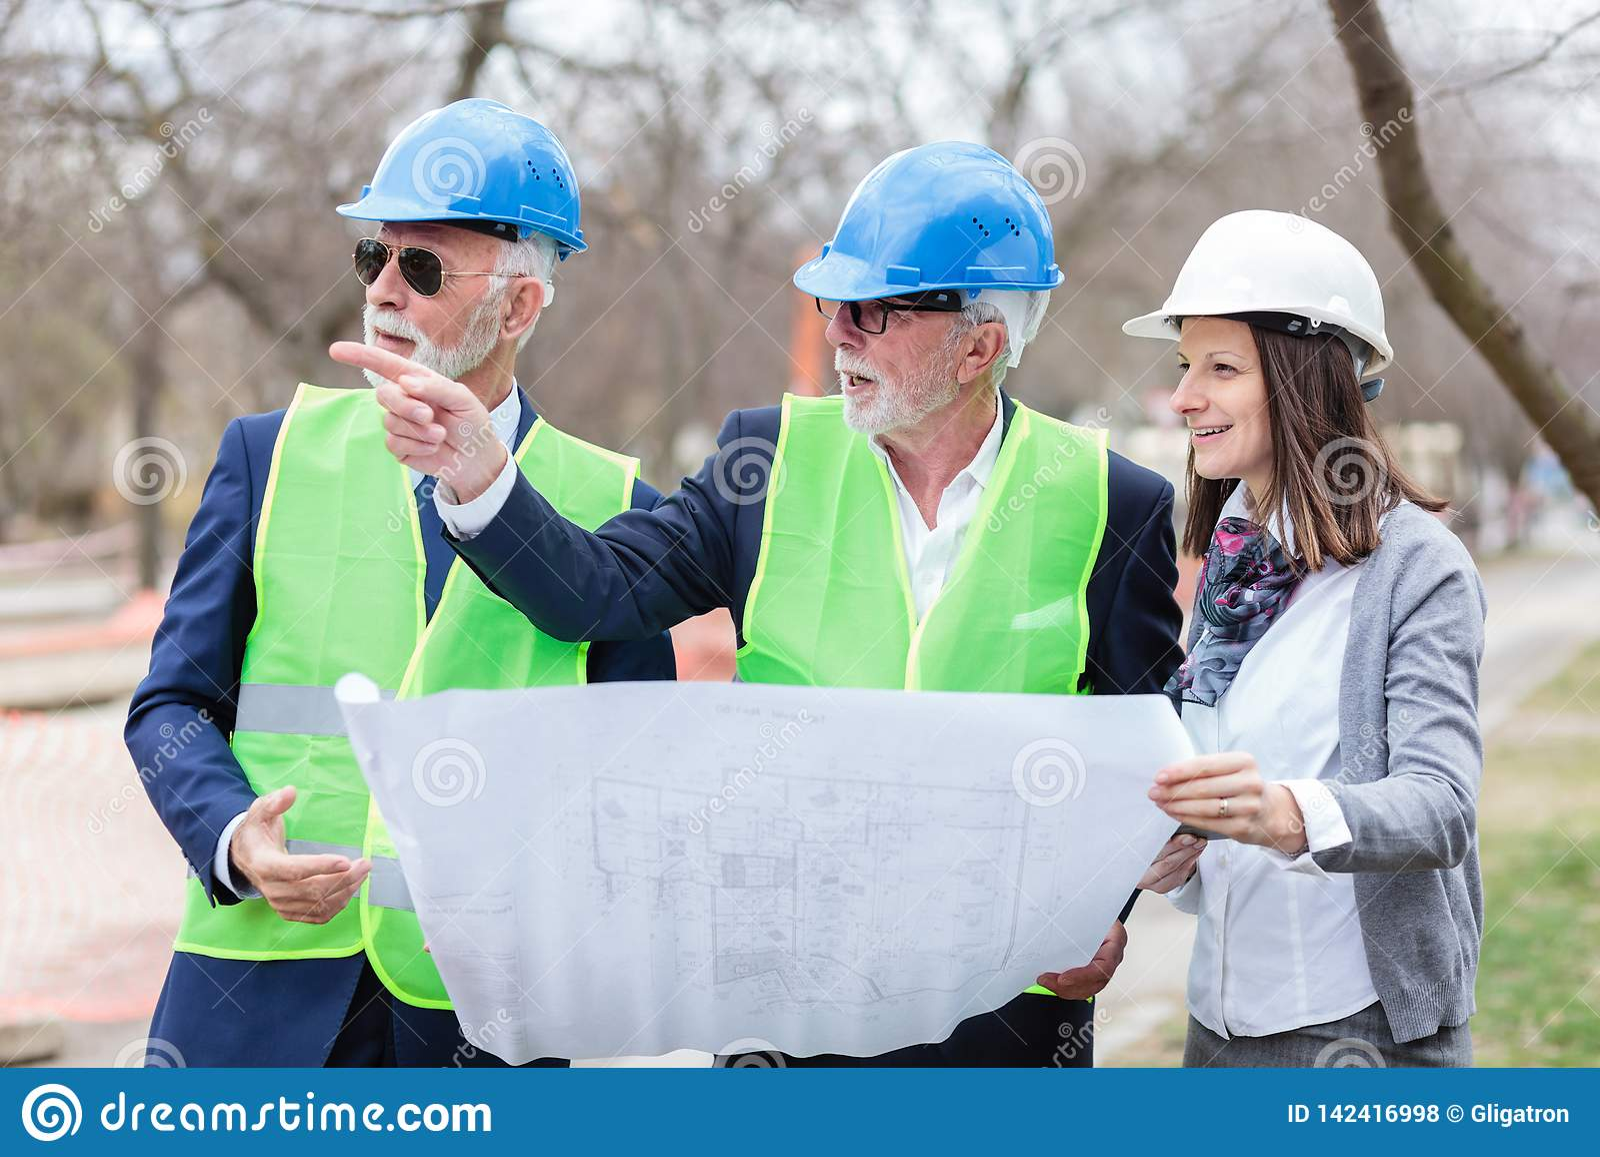 Grupo misturado de arquitetos e de sócios comerciais que discutem detalhes do projeto durante a inspeção de um canteiro de obras